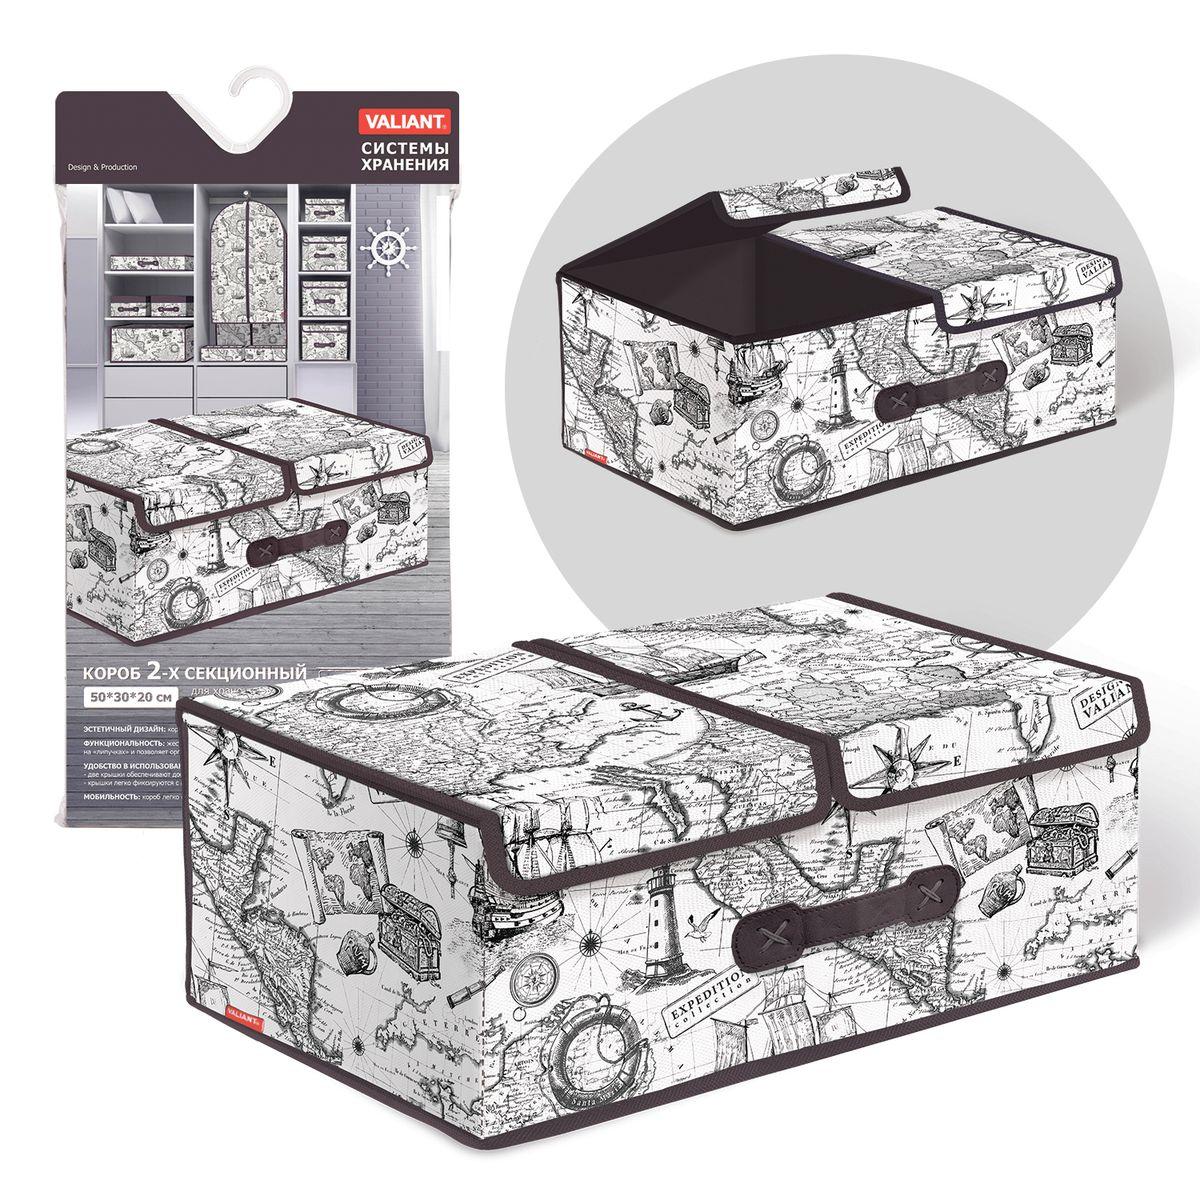 Короб стеллажный Valiant Expedition, двухсекционный, 50 х 30 х 20 смEX-BOX-L2Стеллажный короб Valiant Expedition изготовлен из высококачественногонетканого материала,которыйобеспечивает естественную вентиляцию, позволяя воздуху проникать внутрь, ноне пропускаетпыль. Вставки из плотного картона хорошо держат форму. Короб снабжен двумясекциями испециальными крышками, которые фиксируются с помощьюлипучек. Изделие отличается мобильностью: легко раскладывается искладывается. В такомкоробе удобно хранить одежду, белье и мелкие аксессуары. Красивый авторскийдизайнпрекрасно впишется в интерьер.Система хранения Valiant Expedition в едином дизайне сделает вашугардеробную изысканной иневероятно стильной.